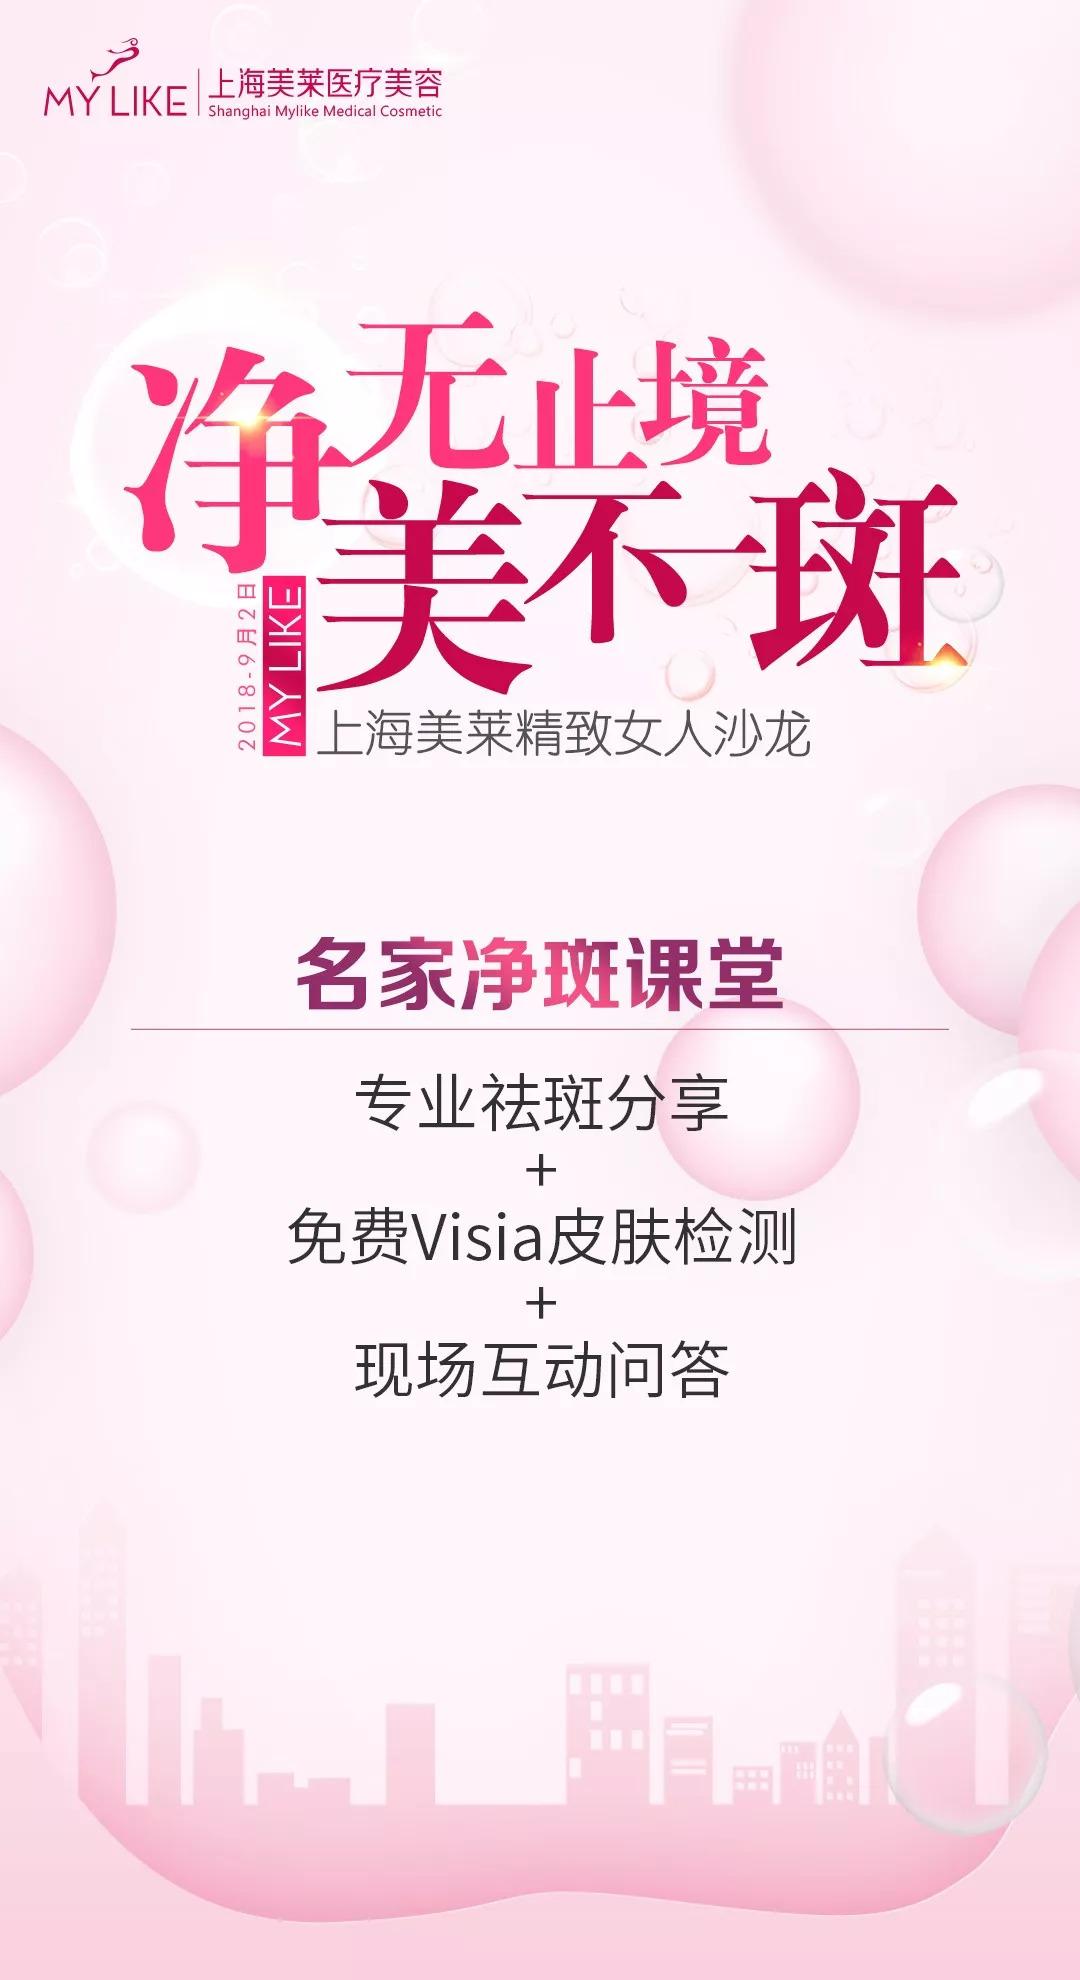 上海美莱9月2日祛斑女人沙龙,好礼送不停!